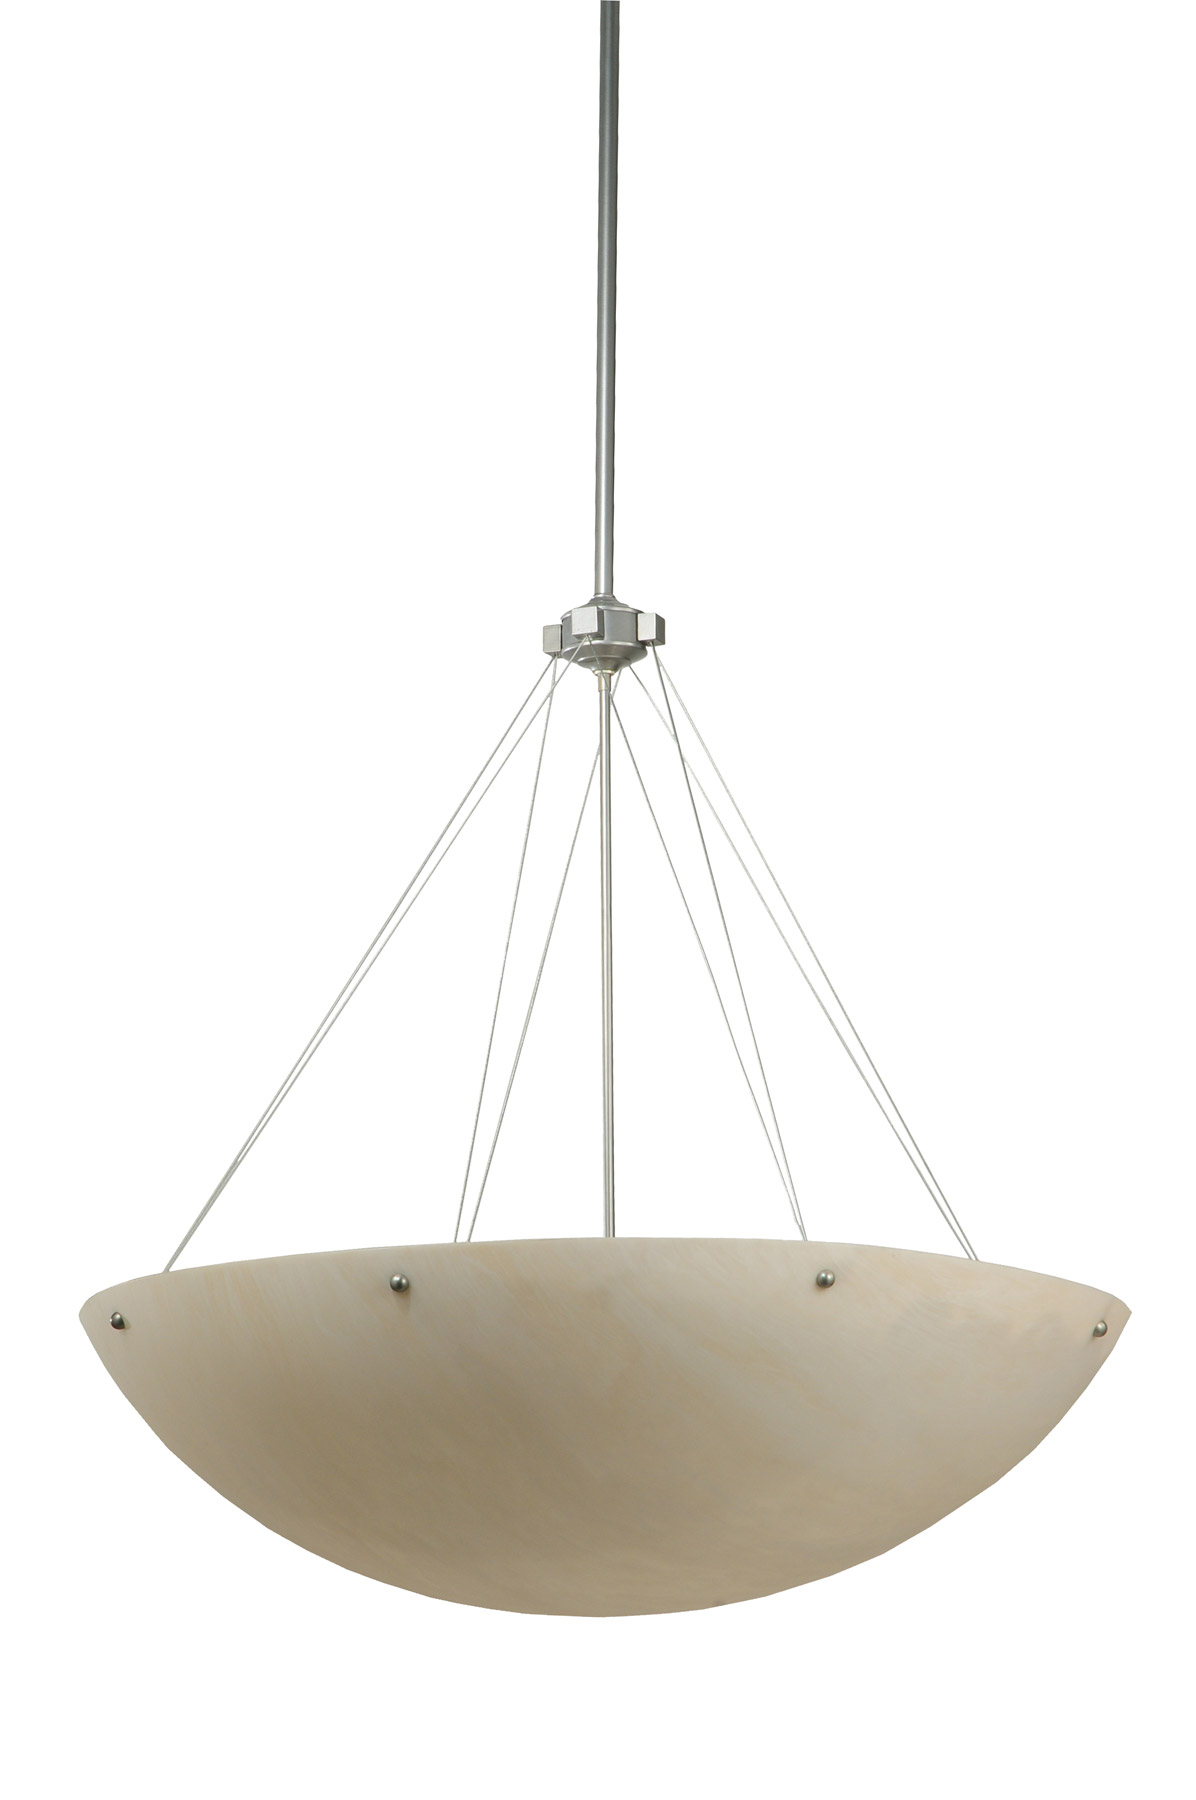 home ceiling lighting pendant hanging lamps inverted bowl pendants. Black Bedroom Furniture Sets. Home Design Ideas